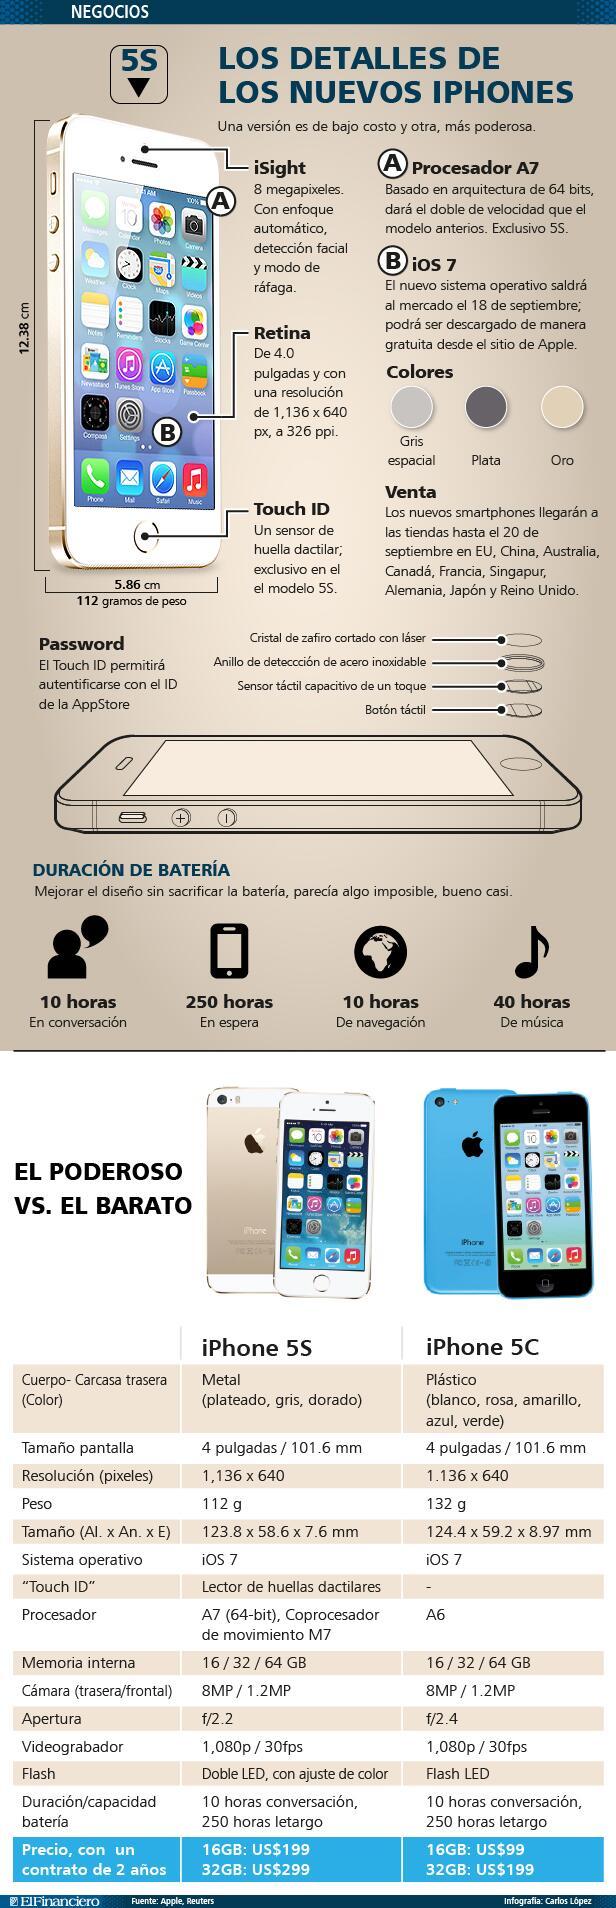 Características de los Iphone 5s y 5c